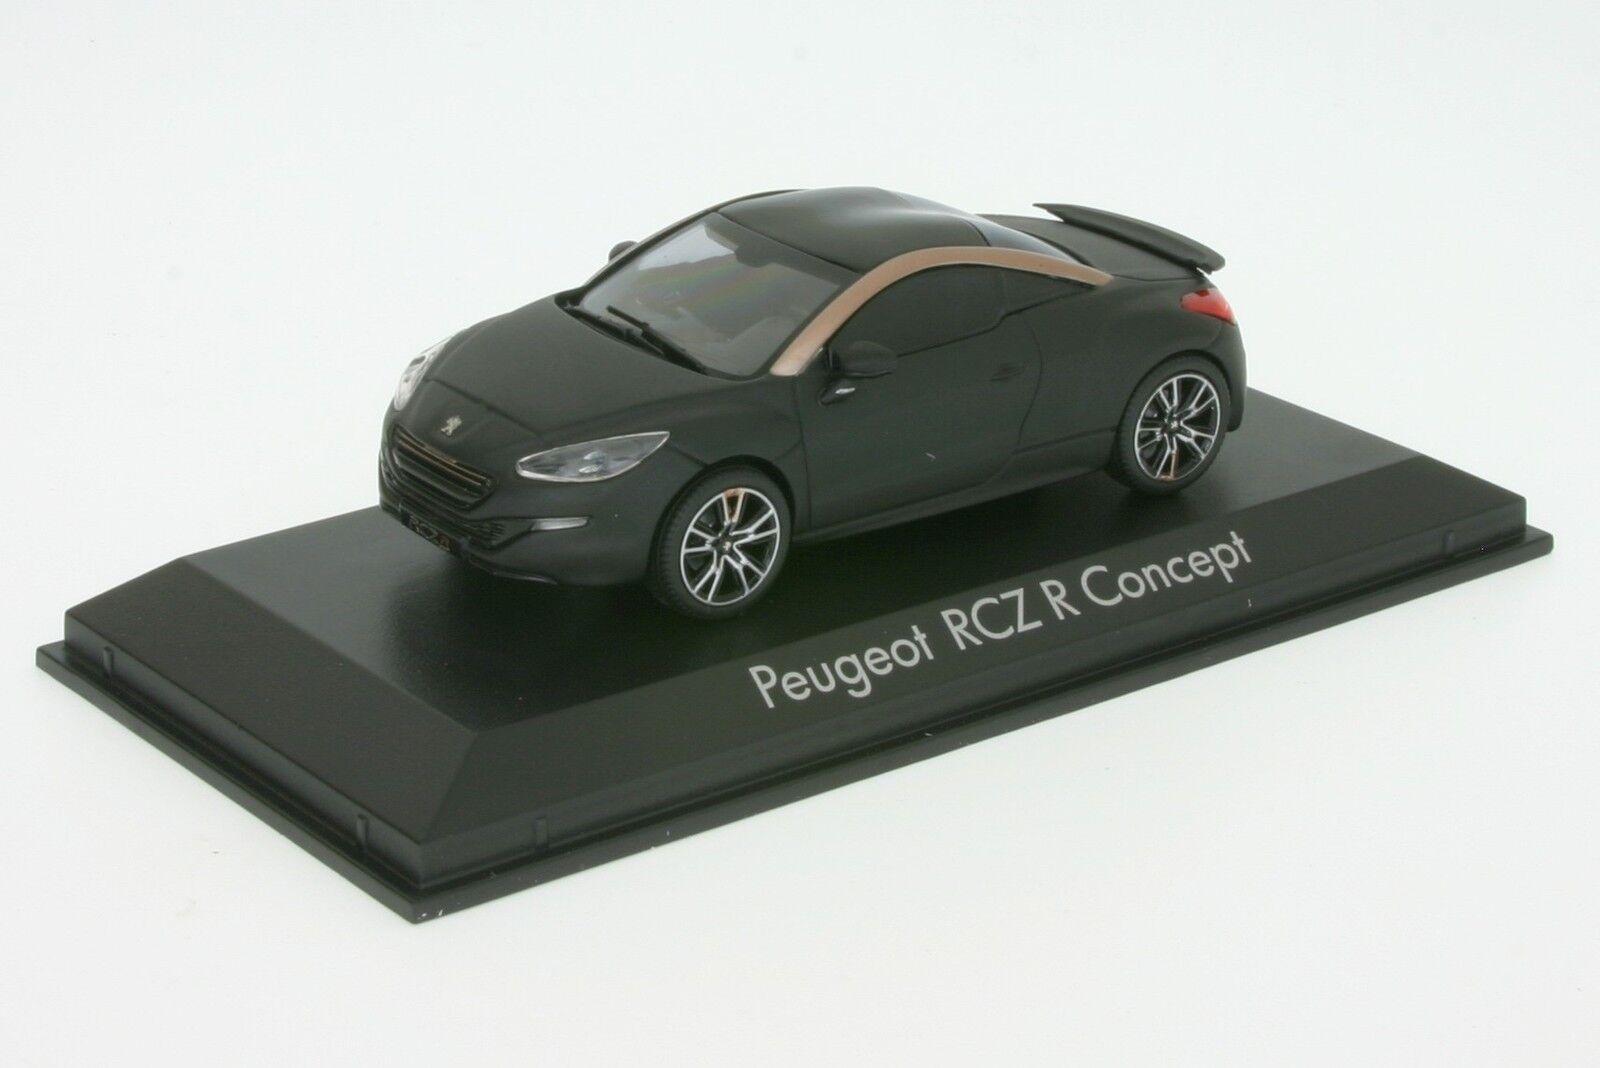 1 43 Peugeot RCZ R - Mattschwarz   Kupfer - Baujahr 2012 - Norev 473873  | Qualität